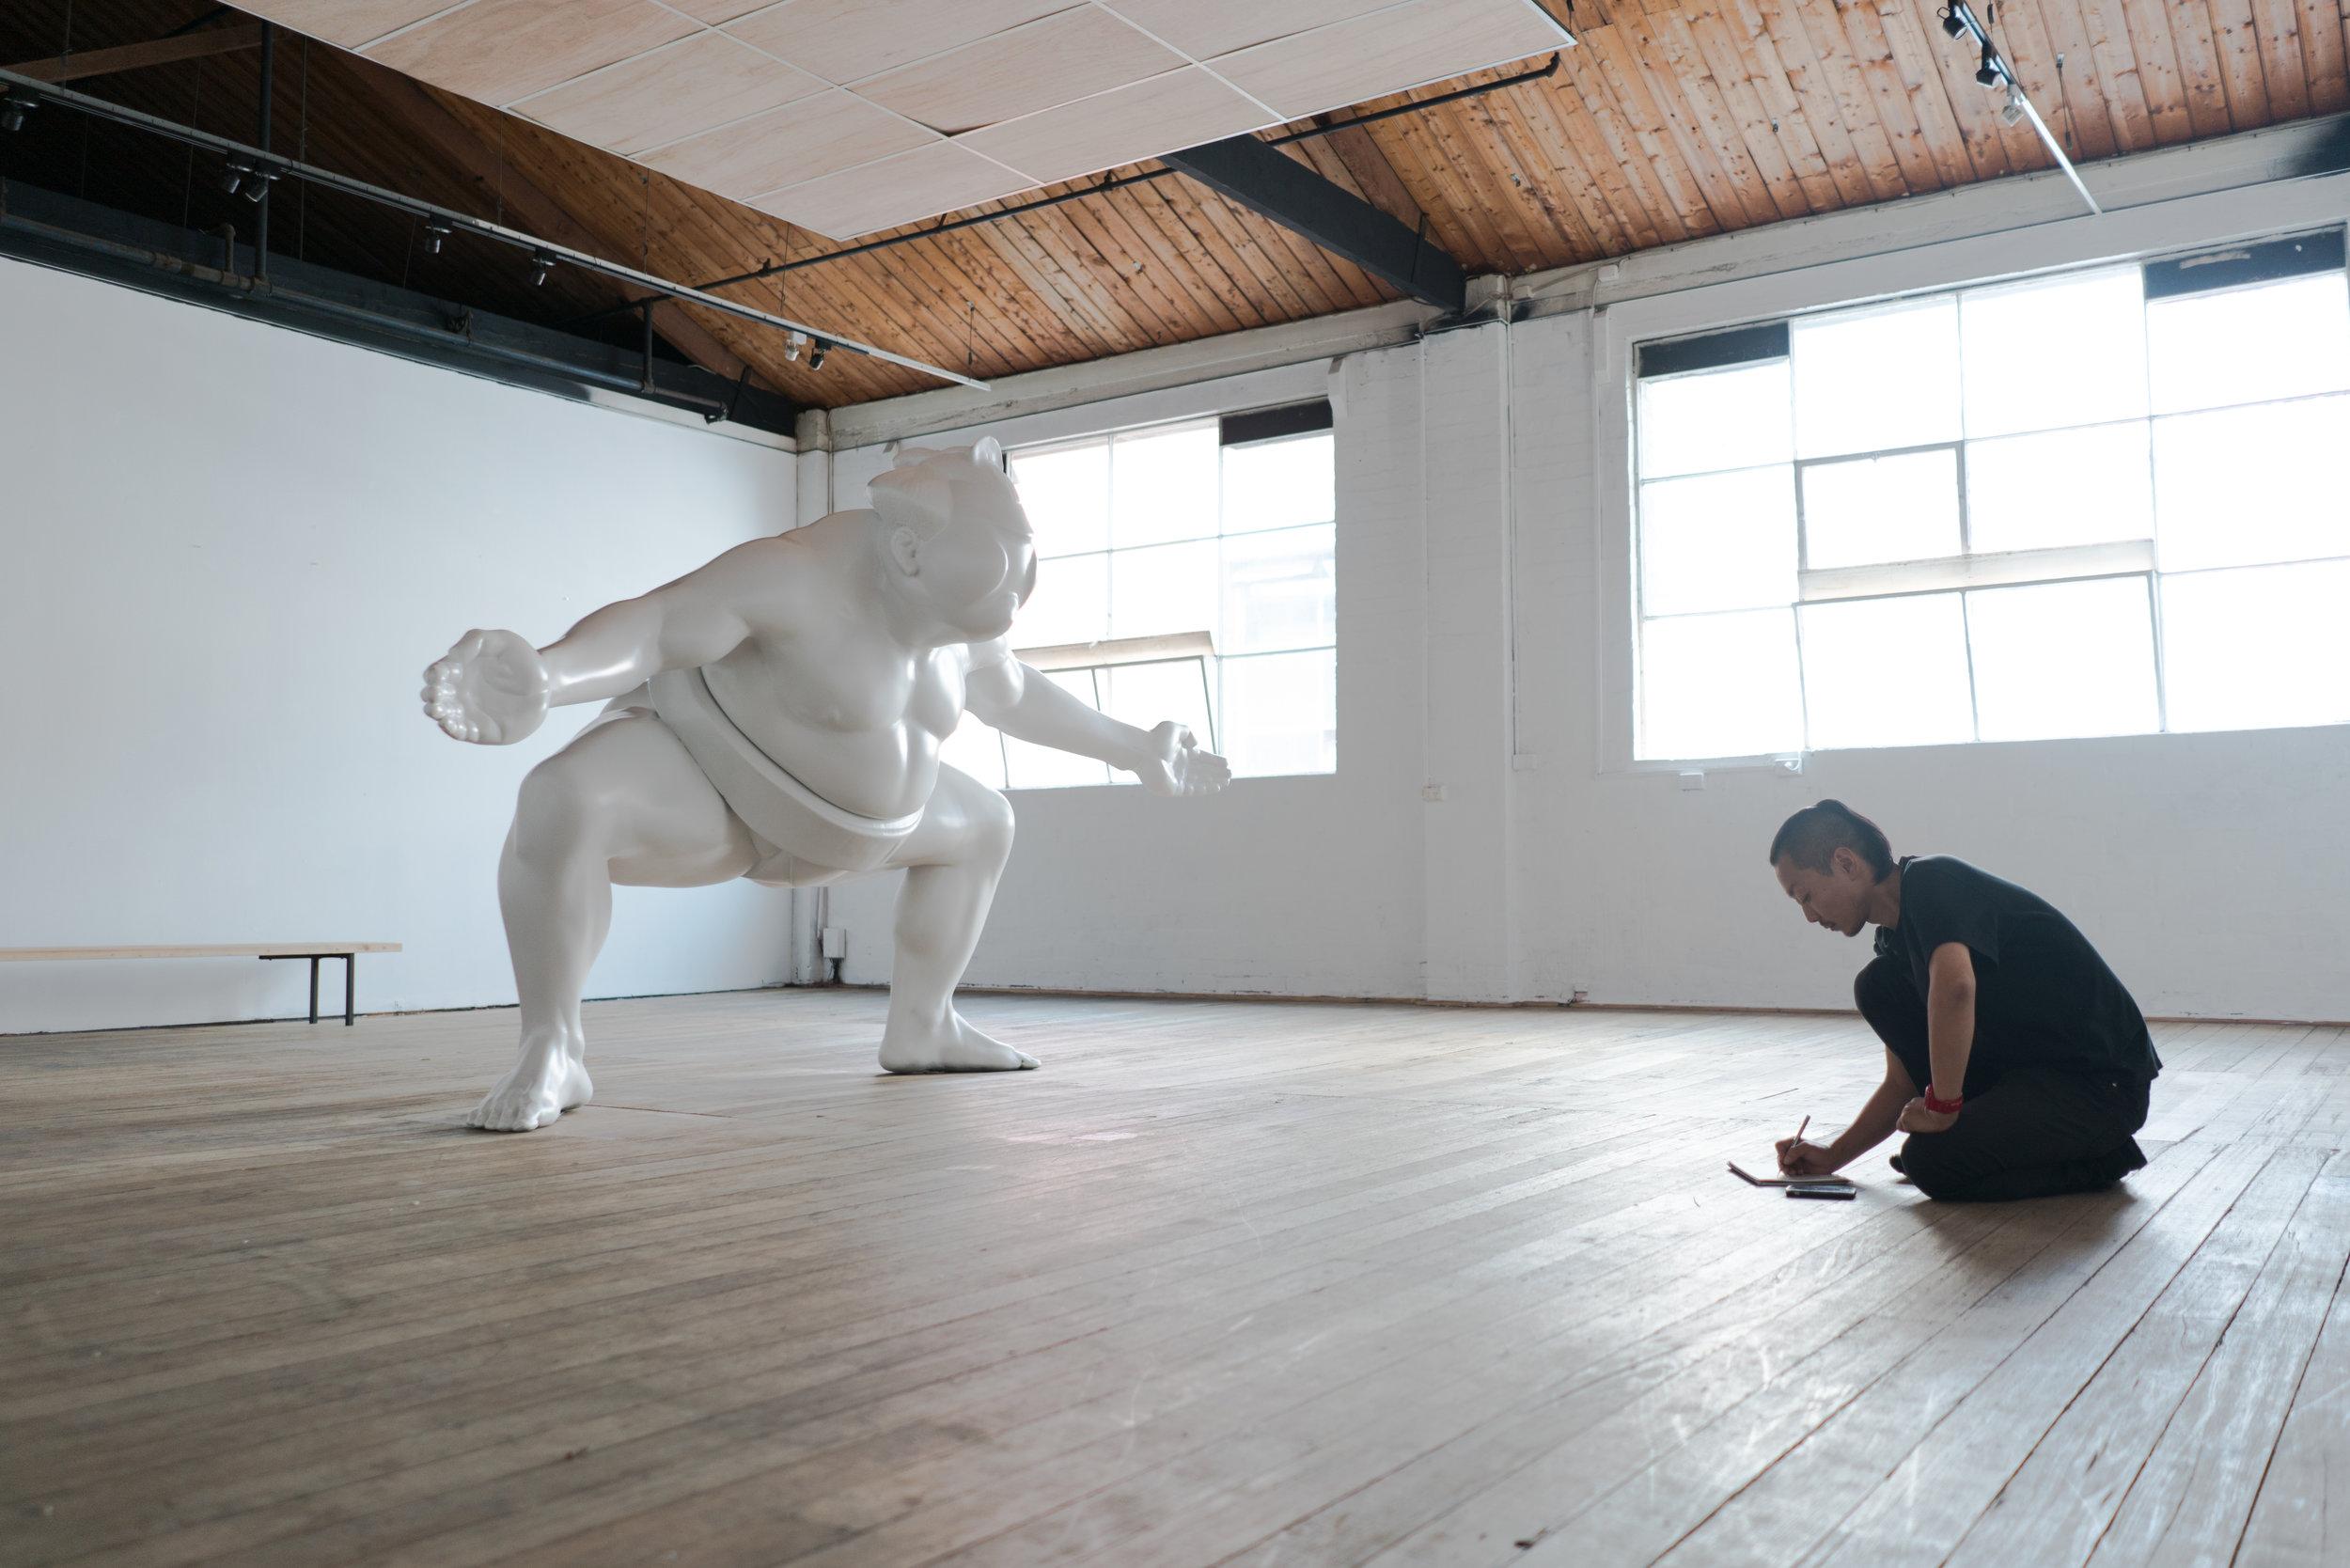 Backwoods Gallery artist Shohei Otomo